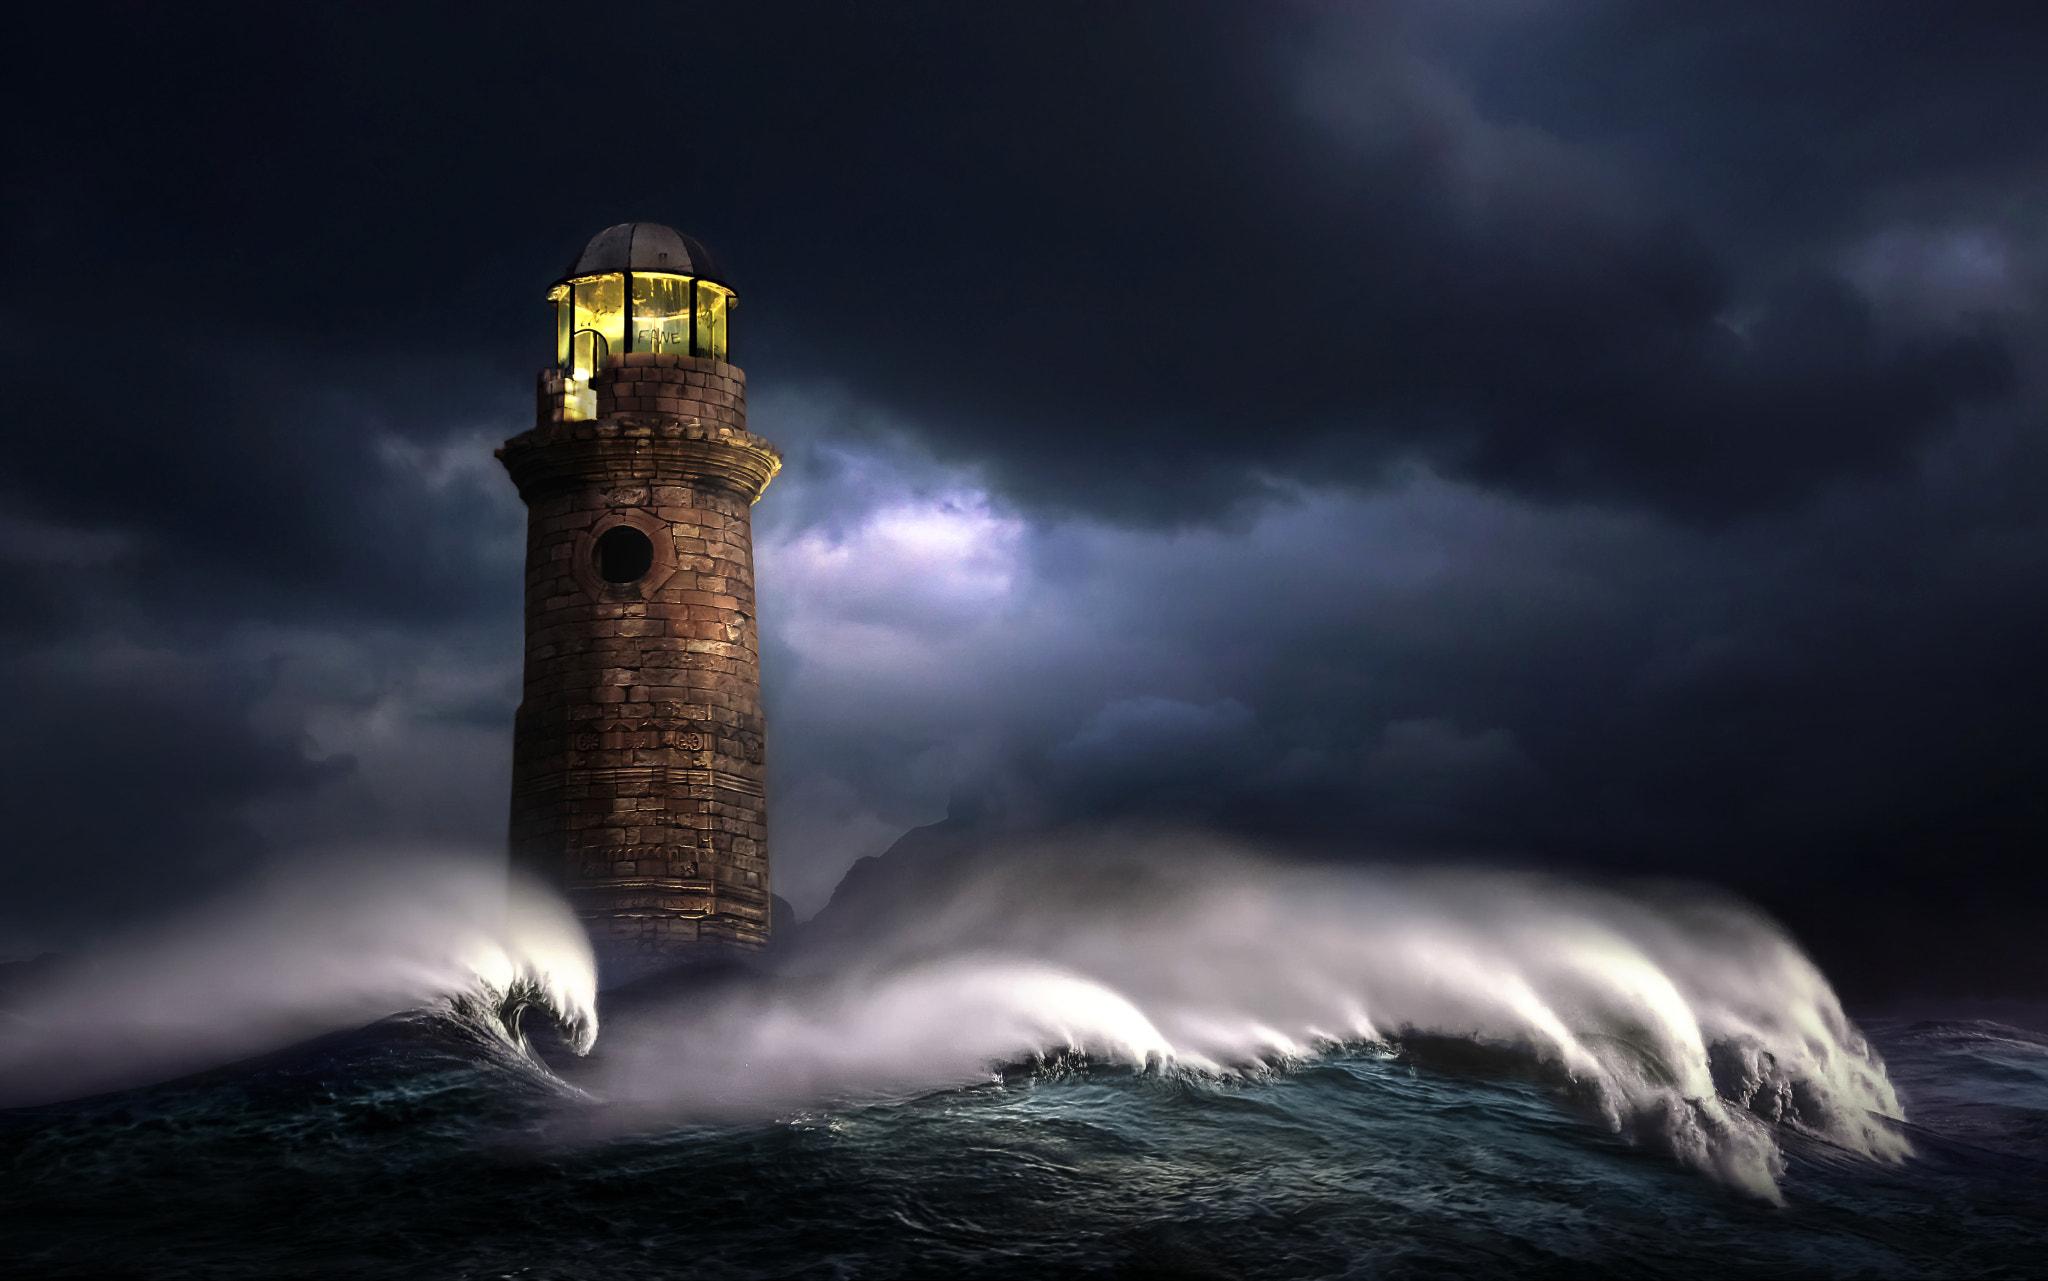 сегодня стало маяк в океане фото дачные